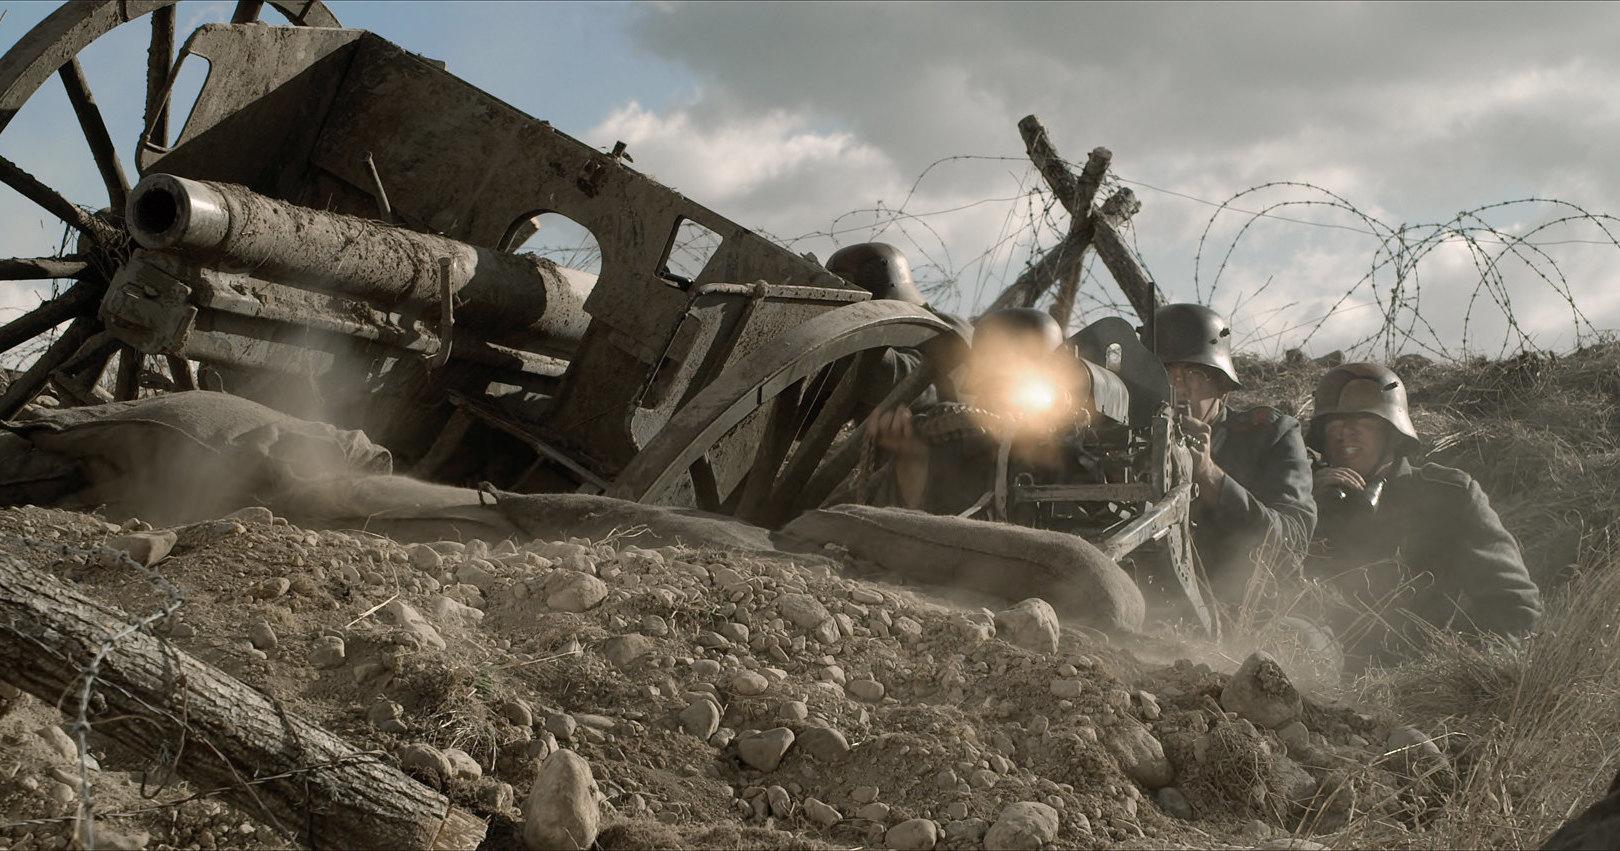 Штурмовые отряды кайзера: штурмгруппы на Первой мировой